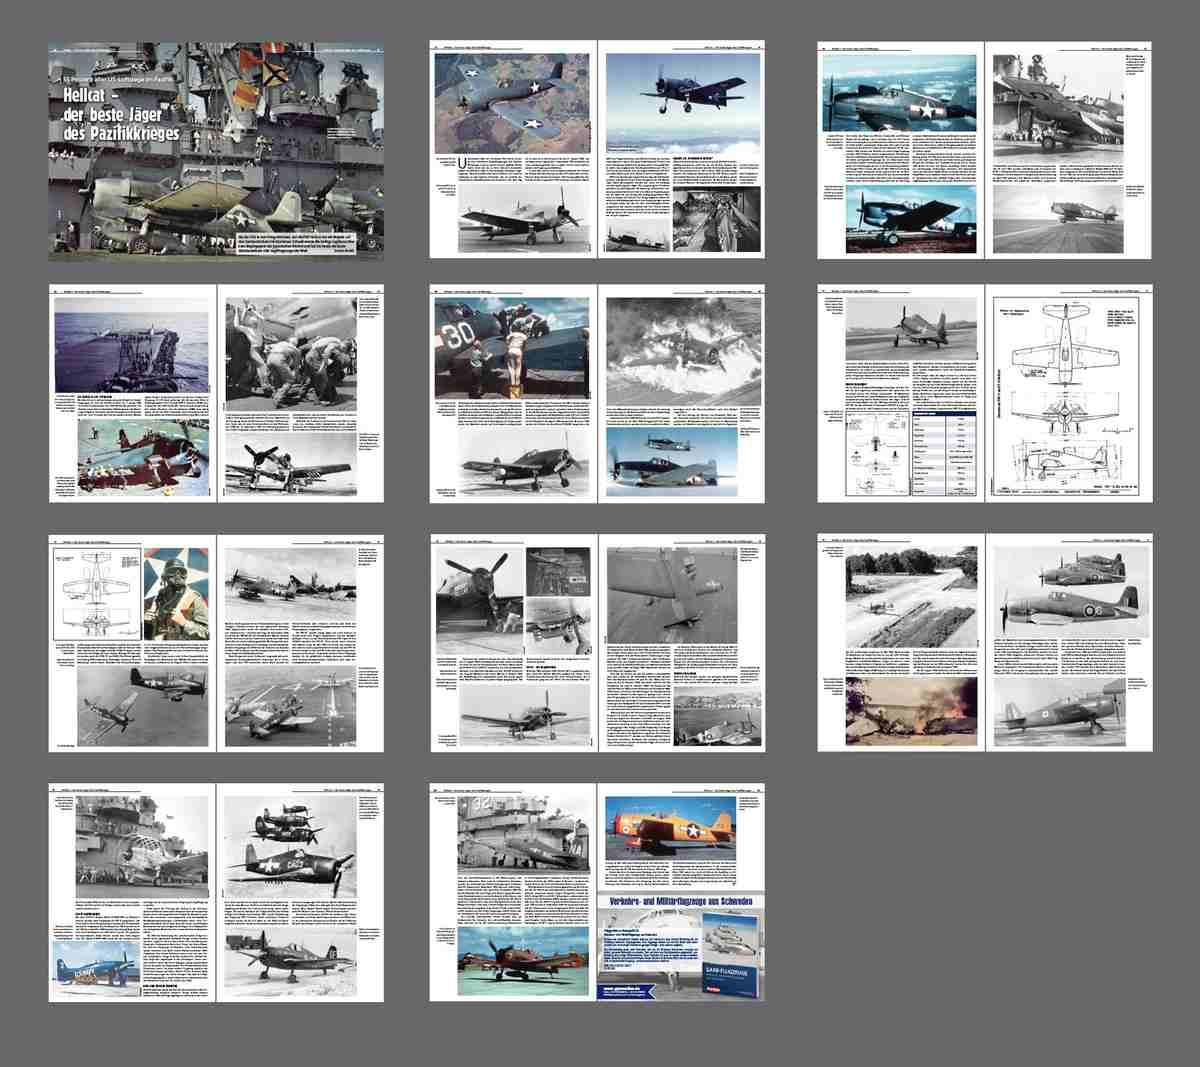 FliegerRevueX-Nr.-66-Hellcat Für euch gelesen: FliegerRevue X Nr. 66